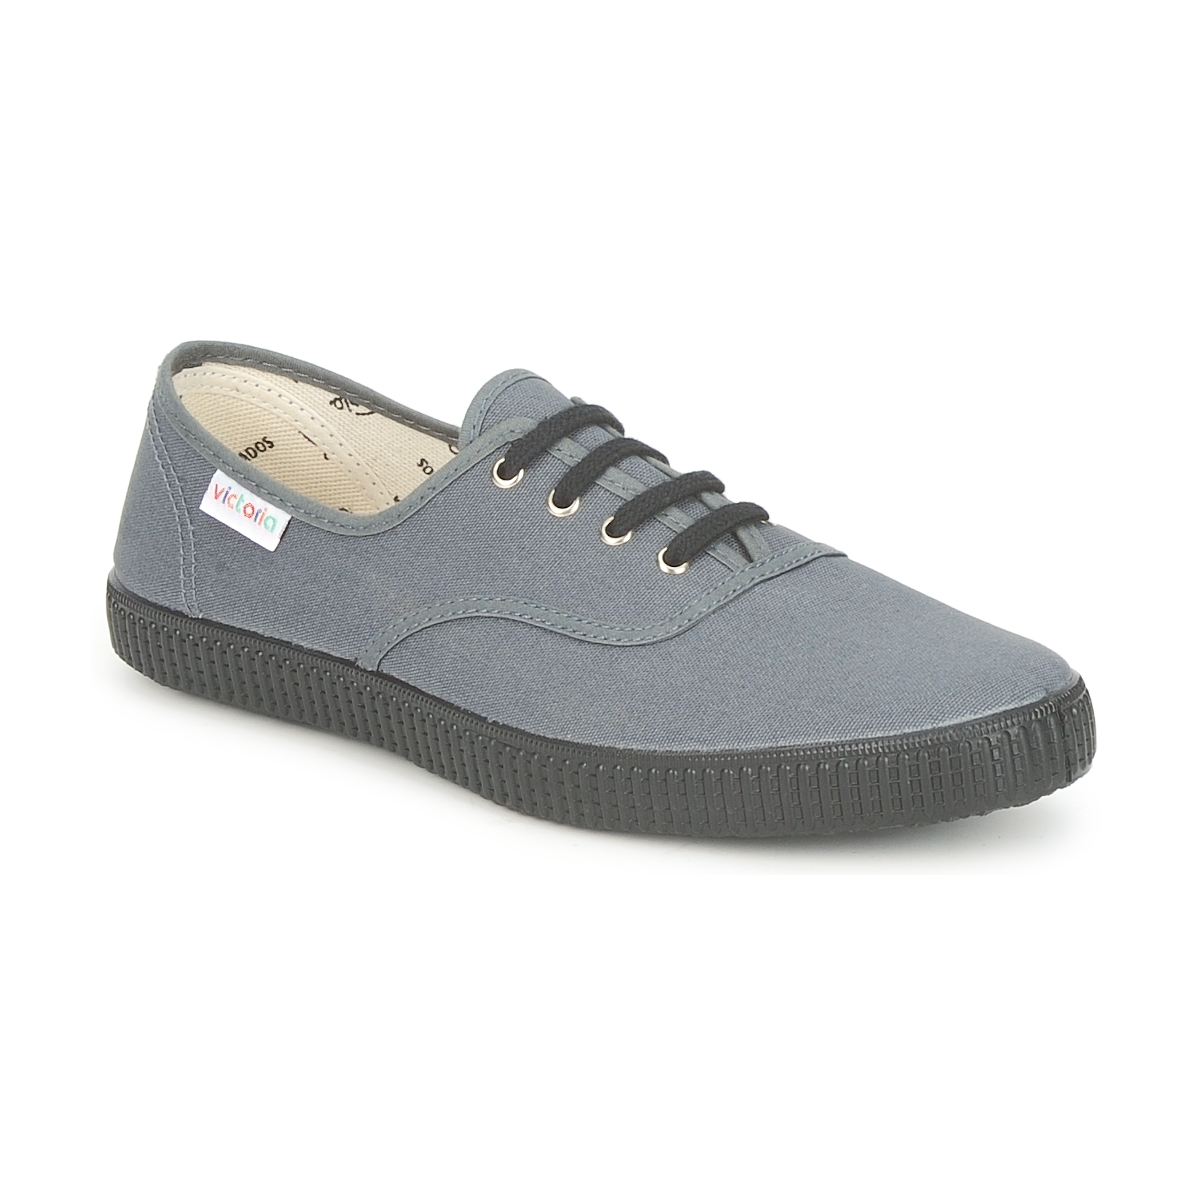 Victoria INGLESA LONA PISO Anthrazit Spartoode - Kostenloser Versand bei Spartoode Anthrazit ! - Schuhe Sneaker Low  14,50 € a8ee8d